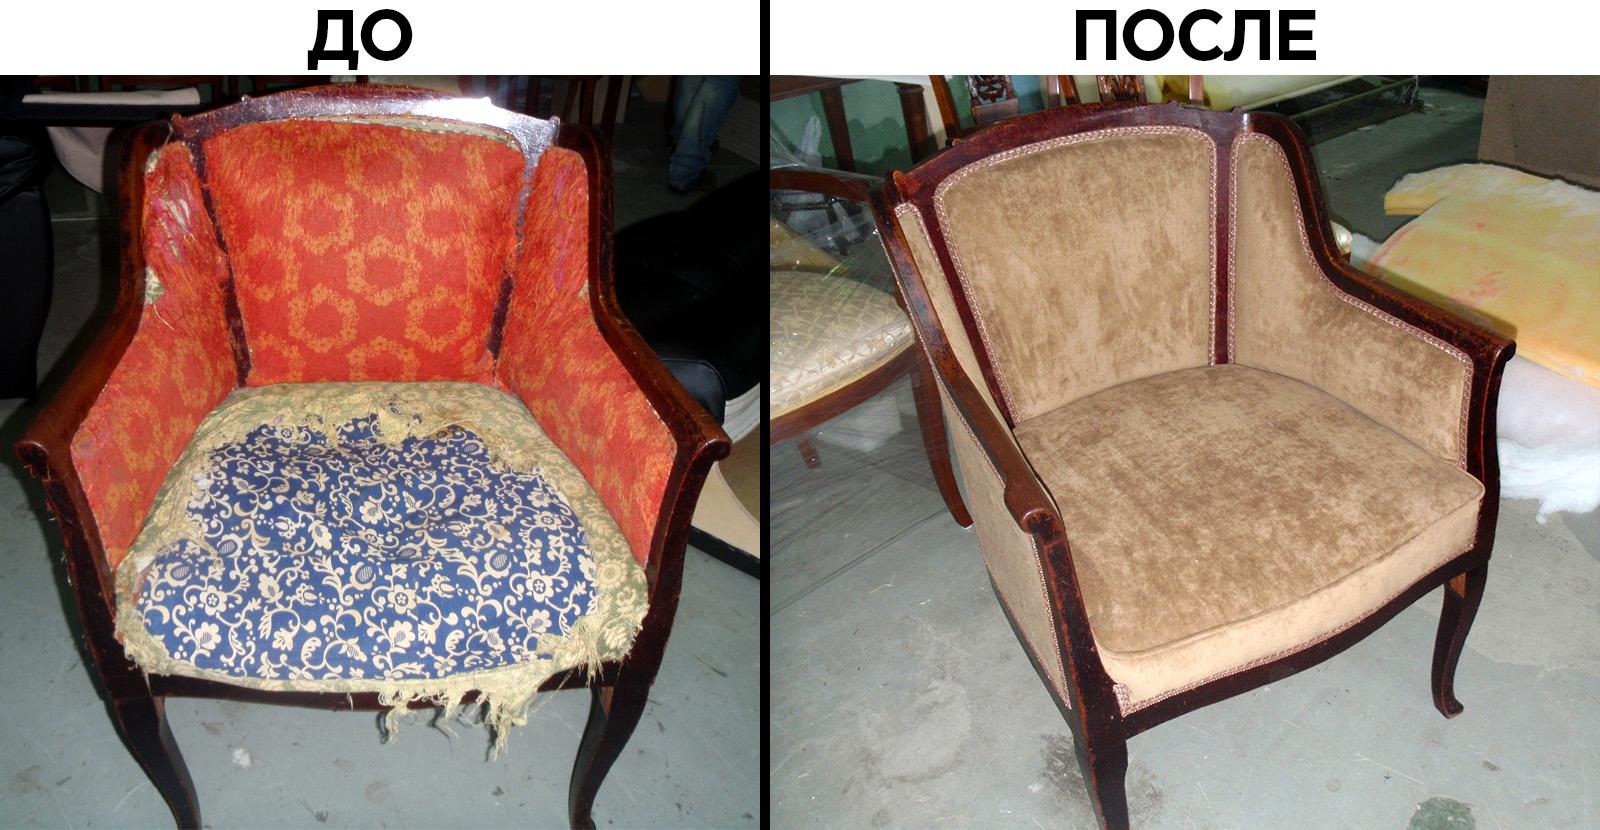 Реставрация кресла своими руками: пошаговая инструкция как переделать старое кресло, как поменять обивку